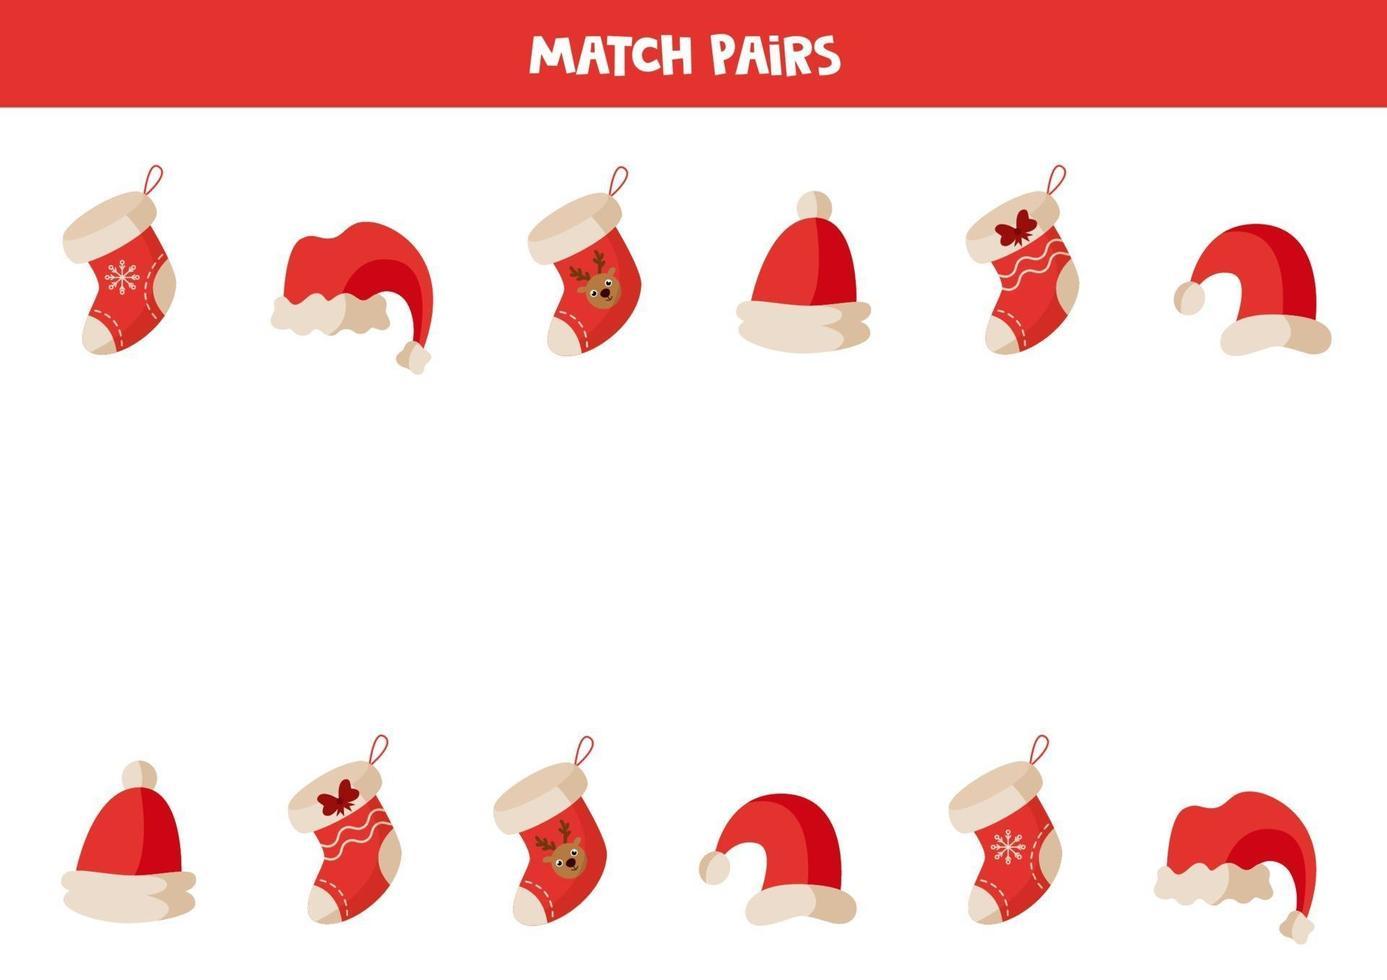 bijpassende paar kerstsokken en -mutsen. vind het identieke. vector